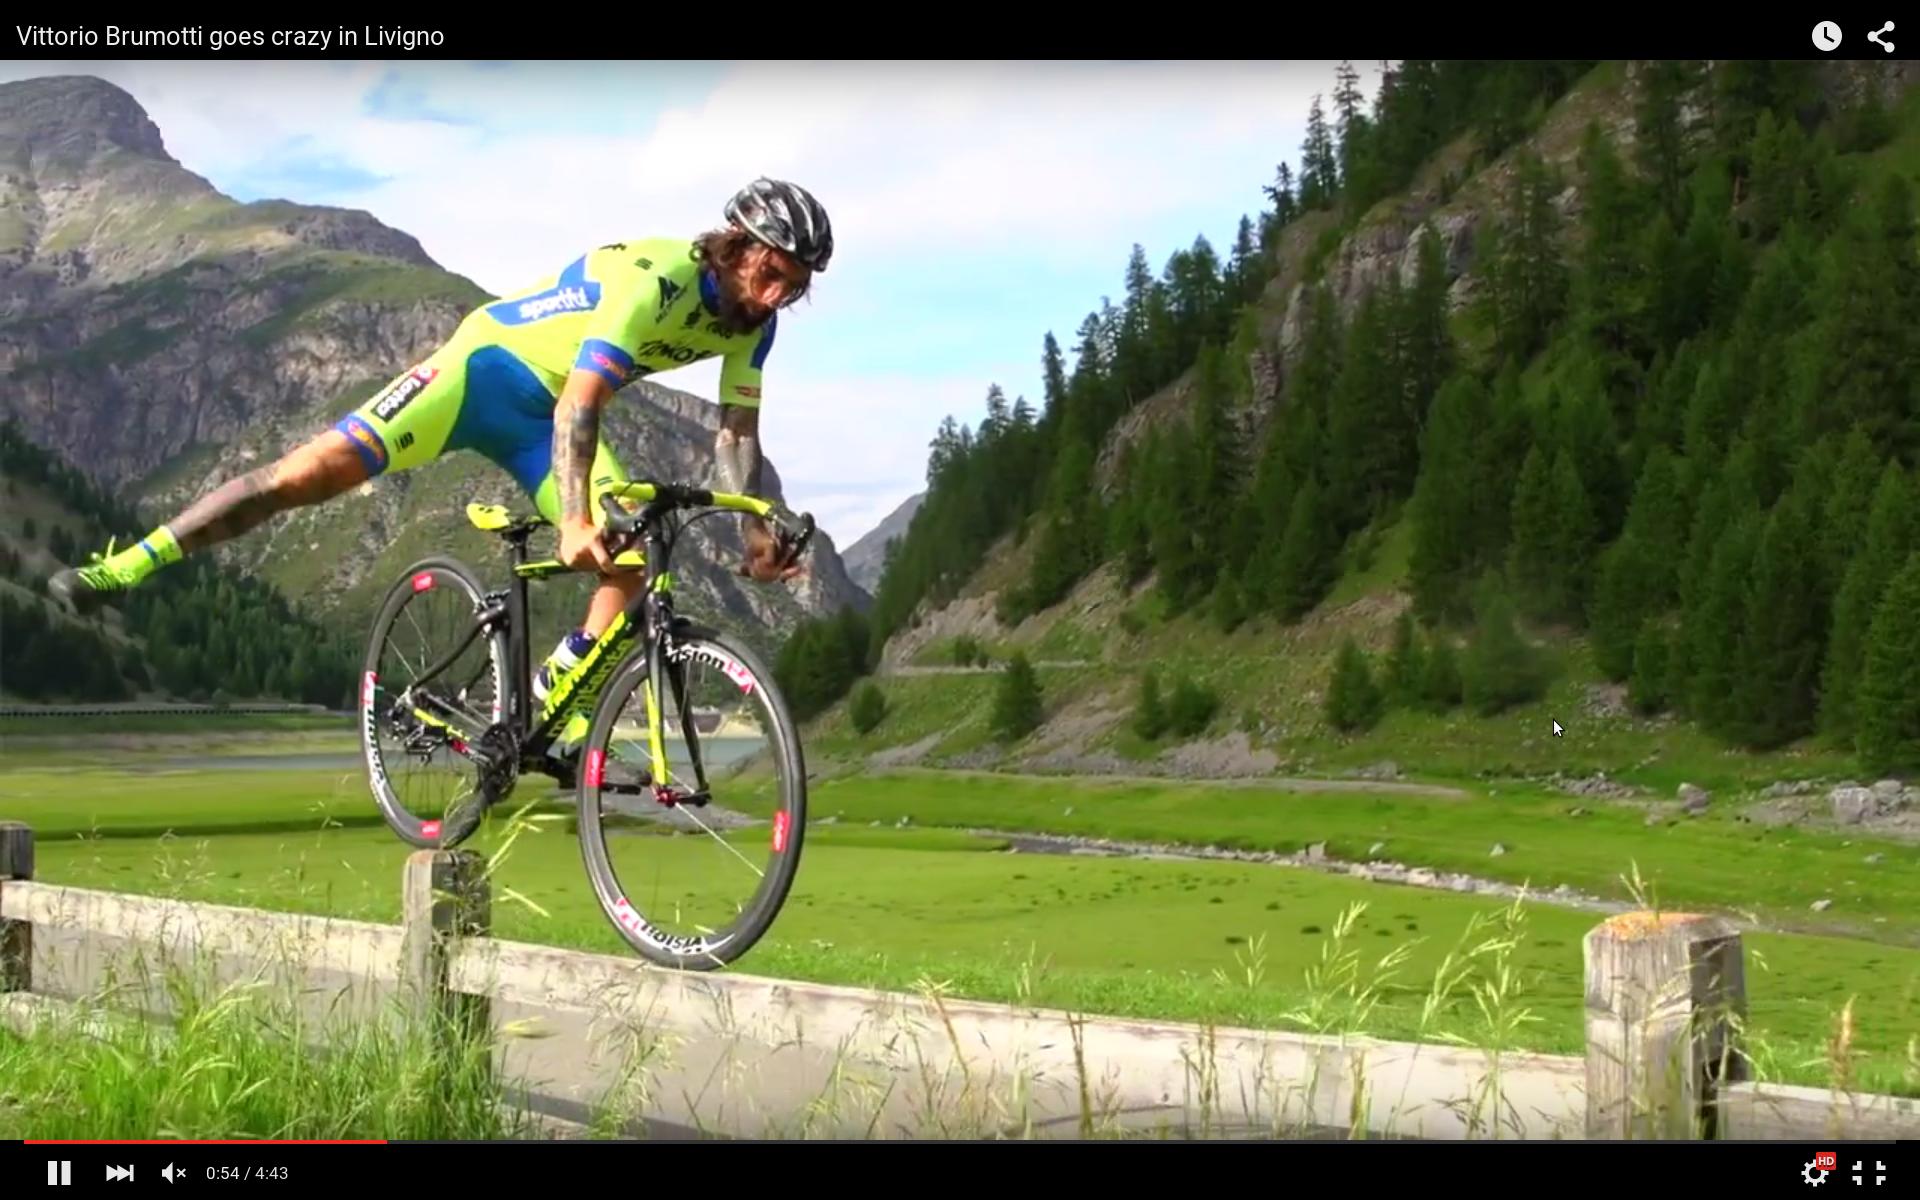 Triál országúti biciklivel